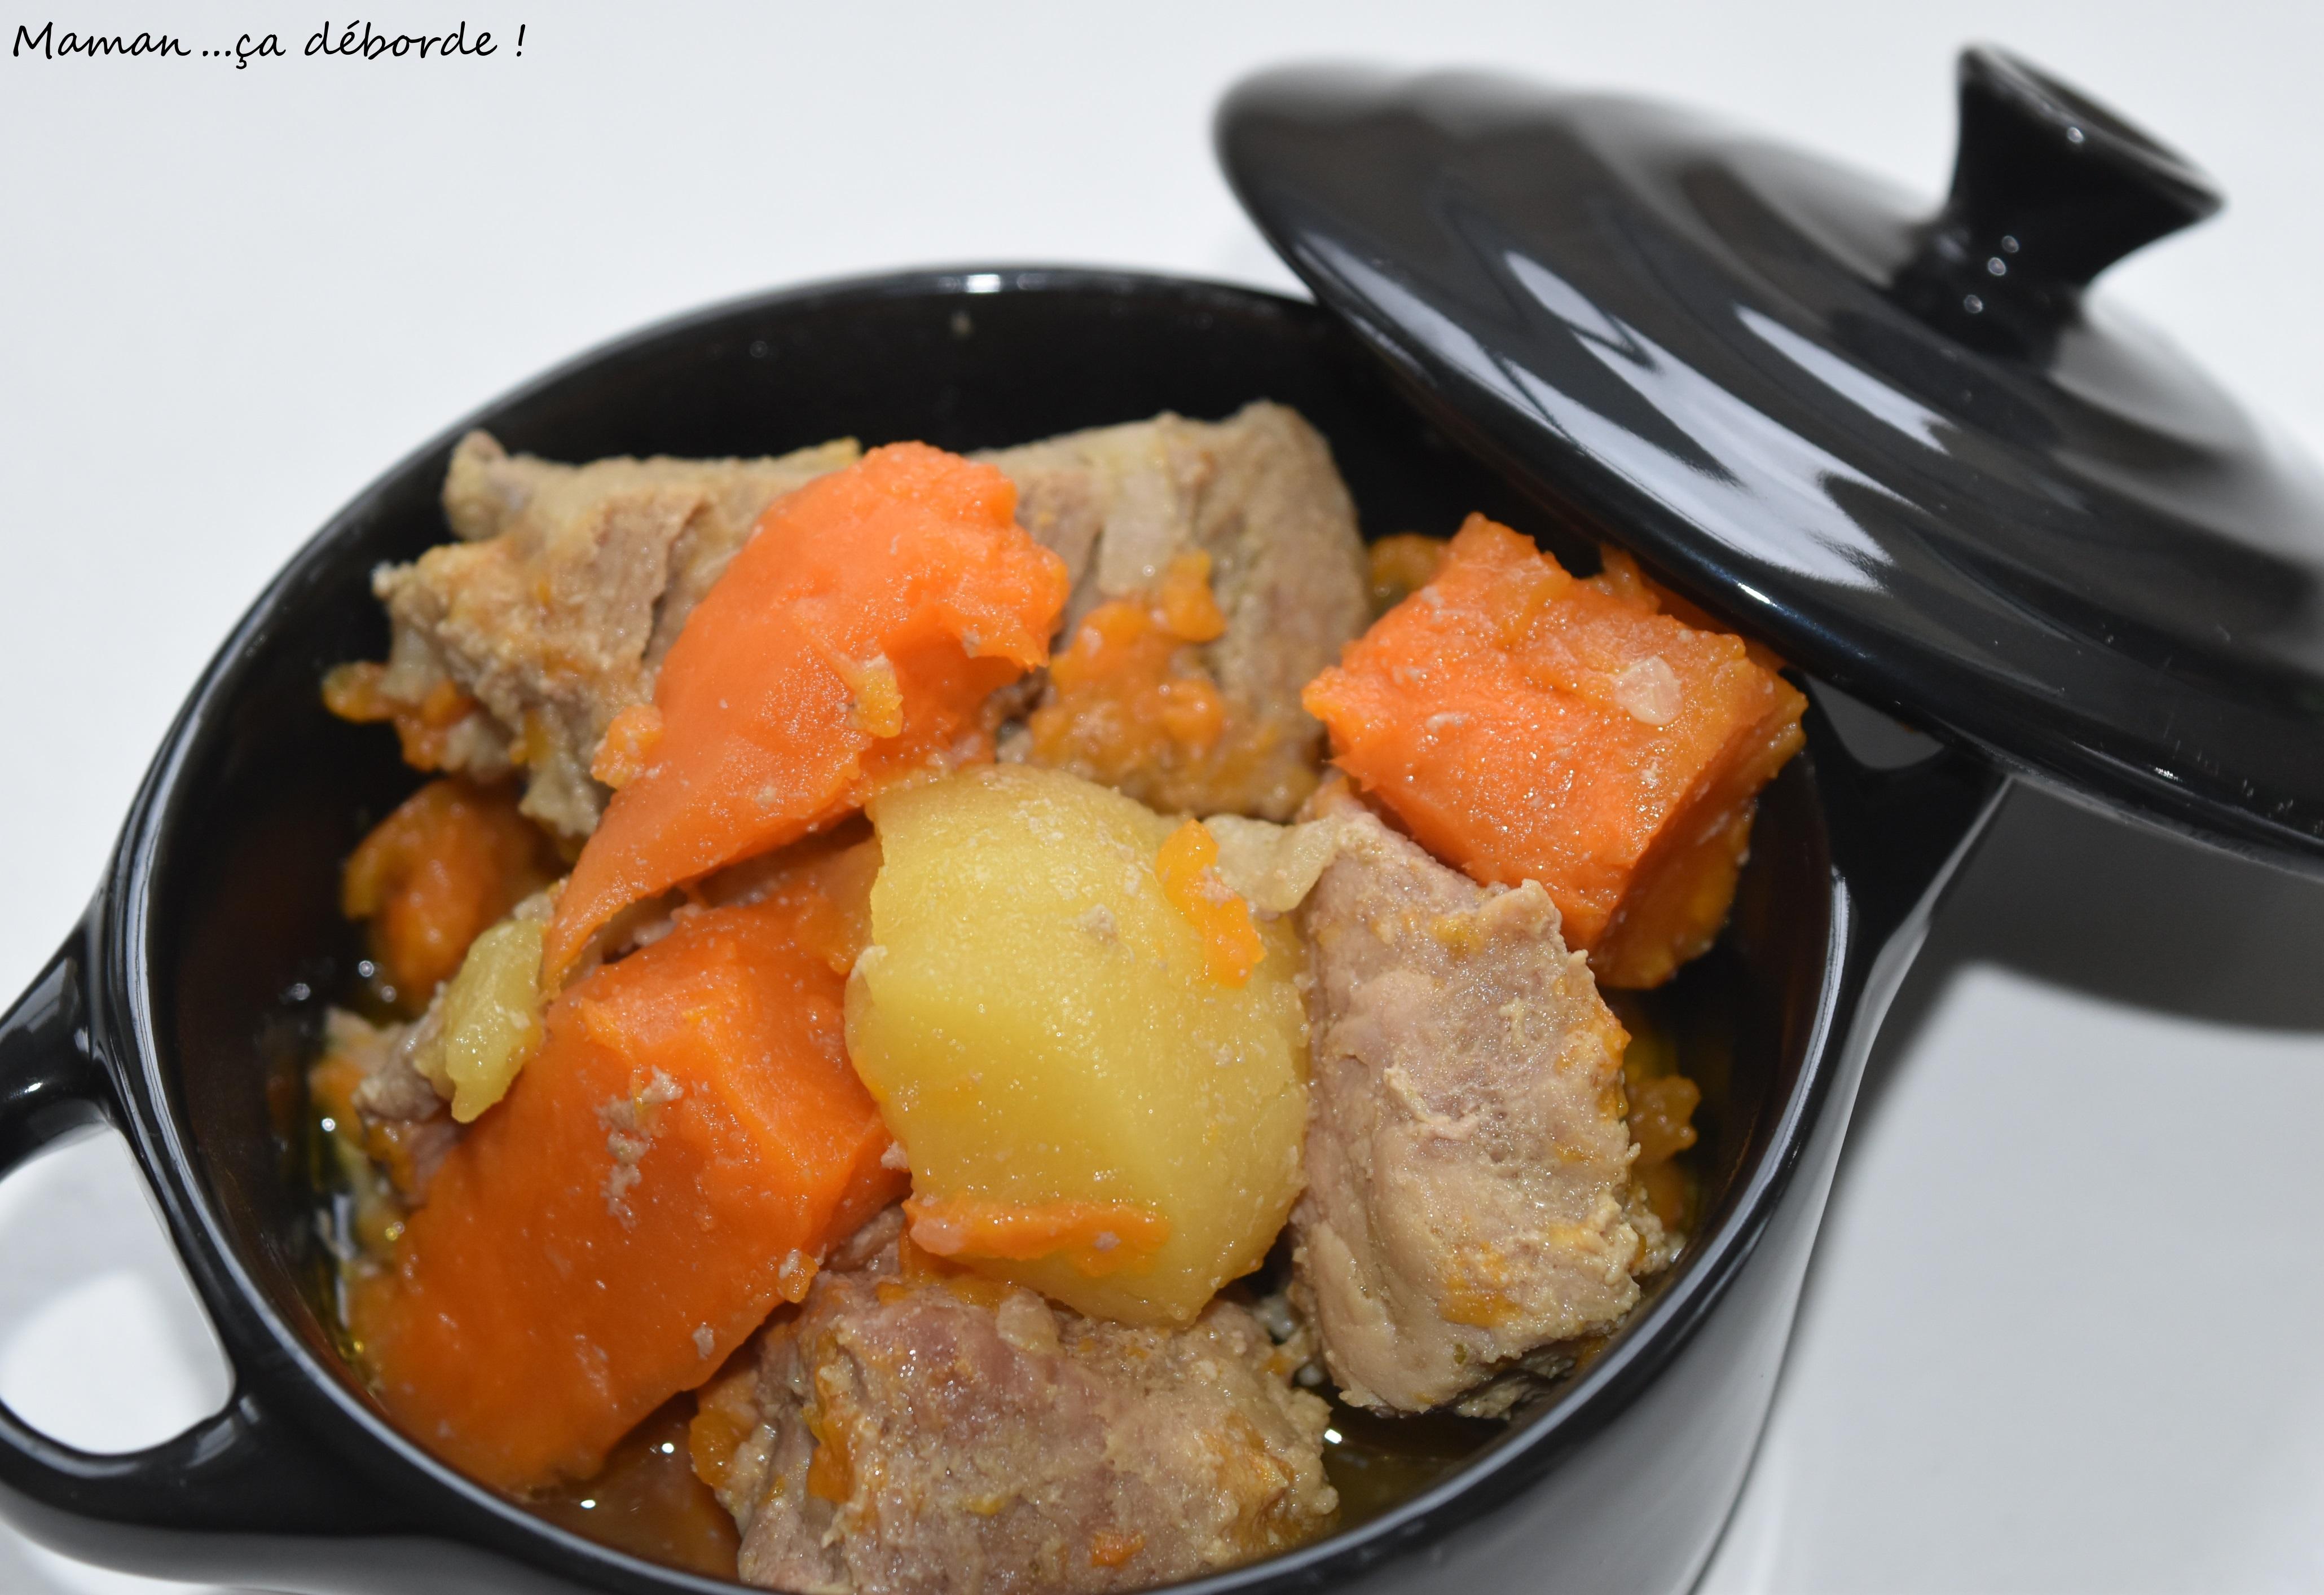 Filet mignon au sirop d 39 rable patates douces et pommes - Quand recolter les patates douces ...